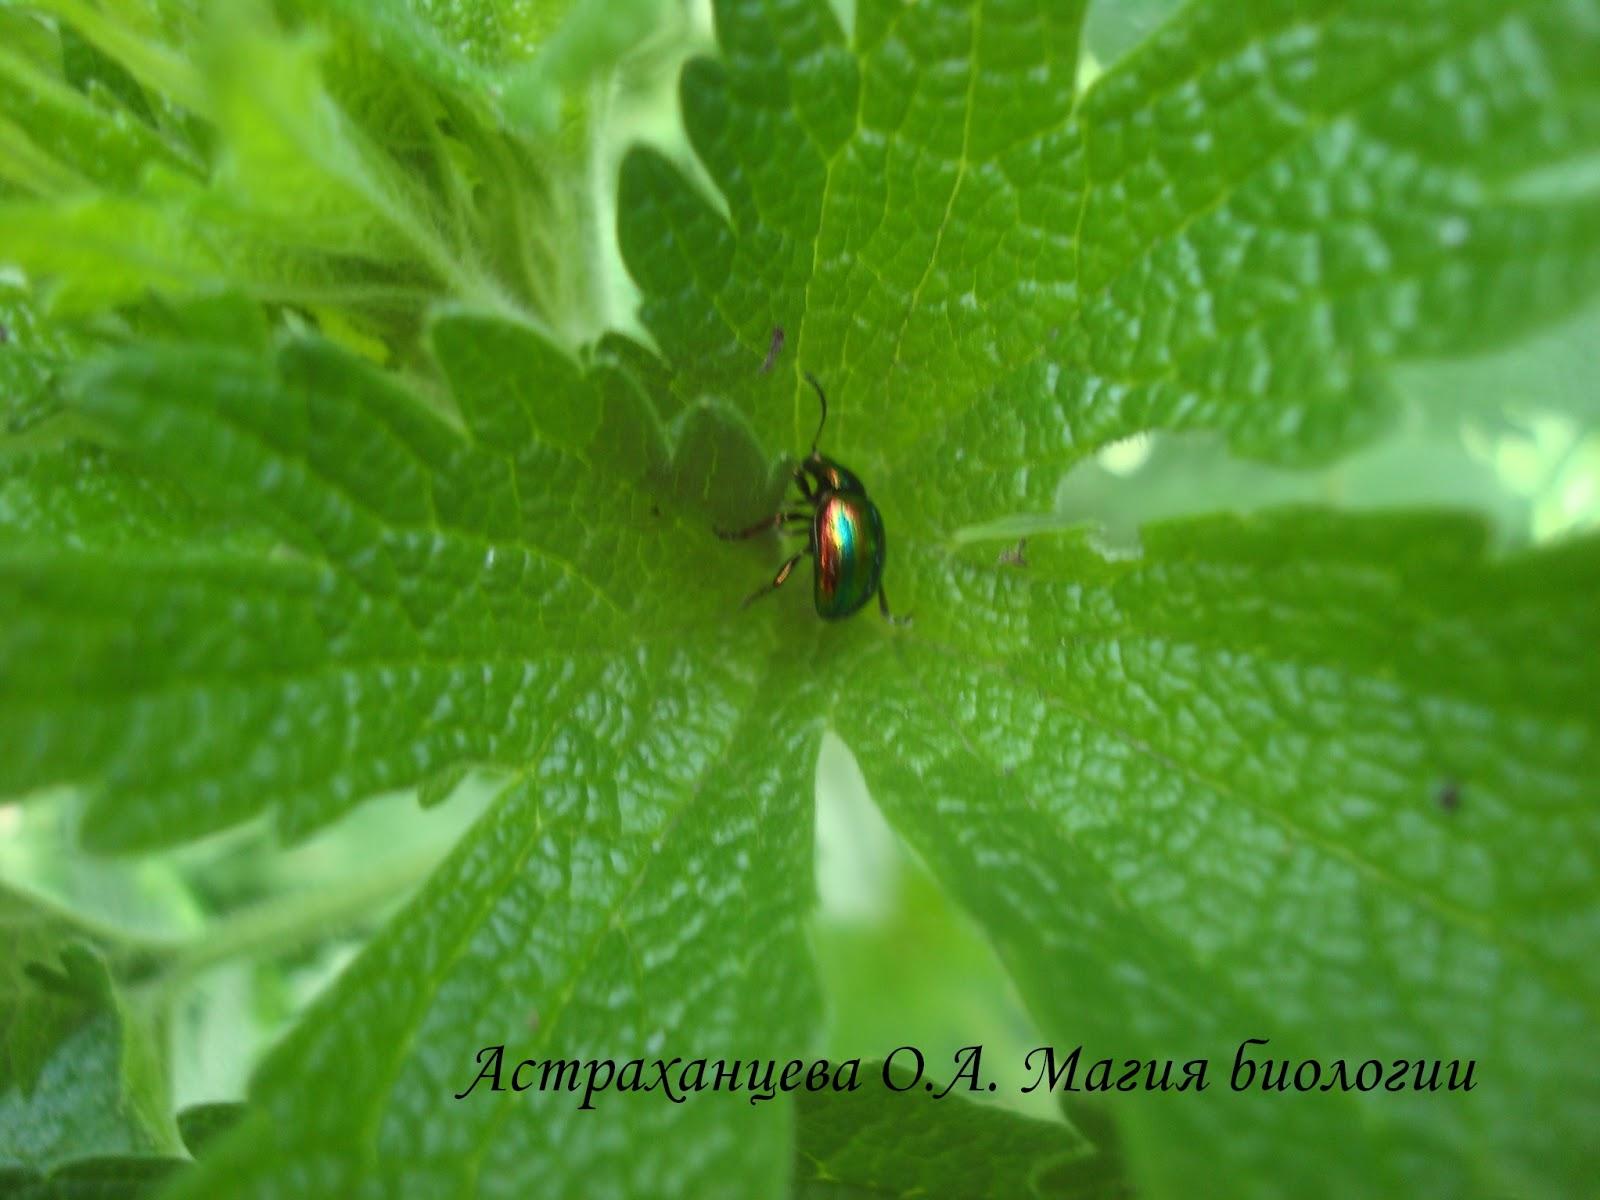 Ротовые органы насекомых Википедия